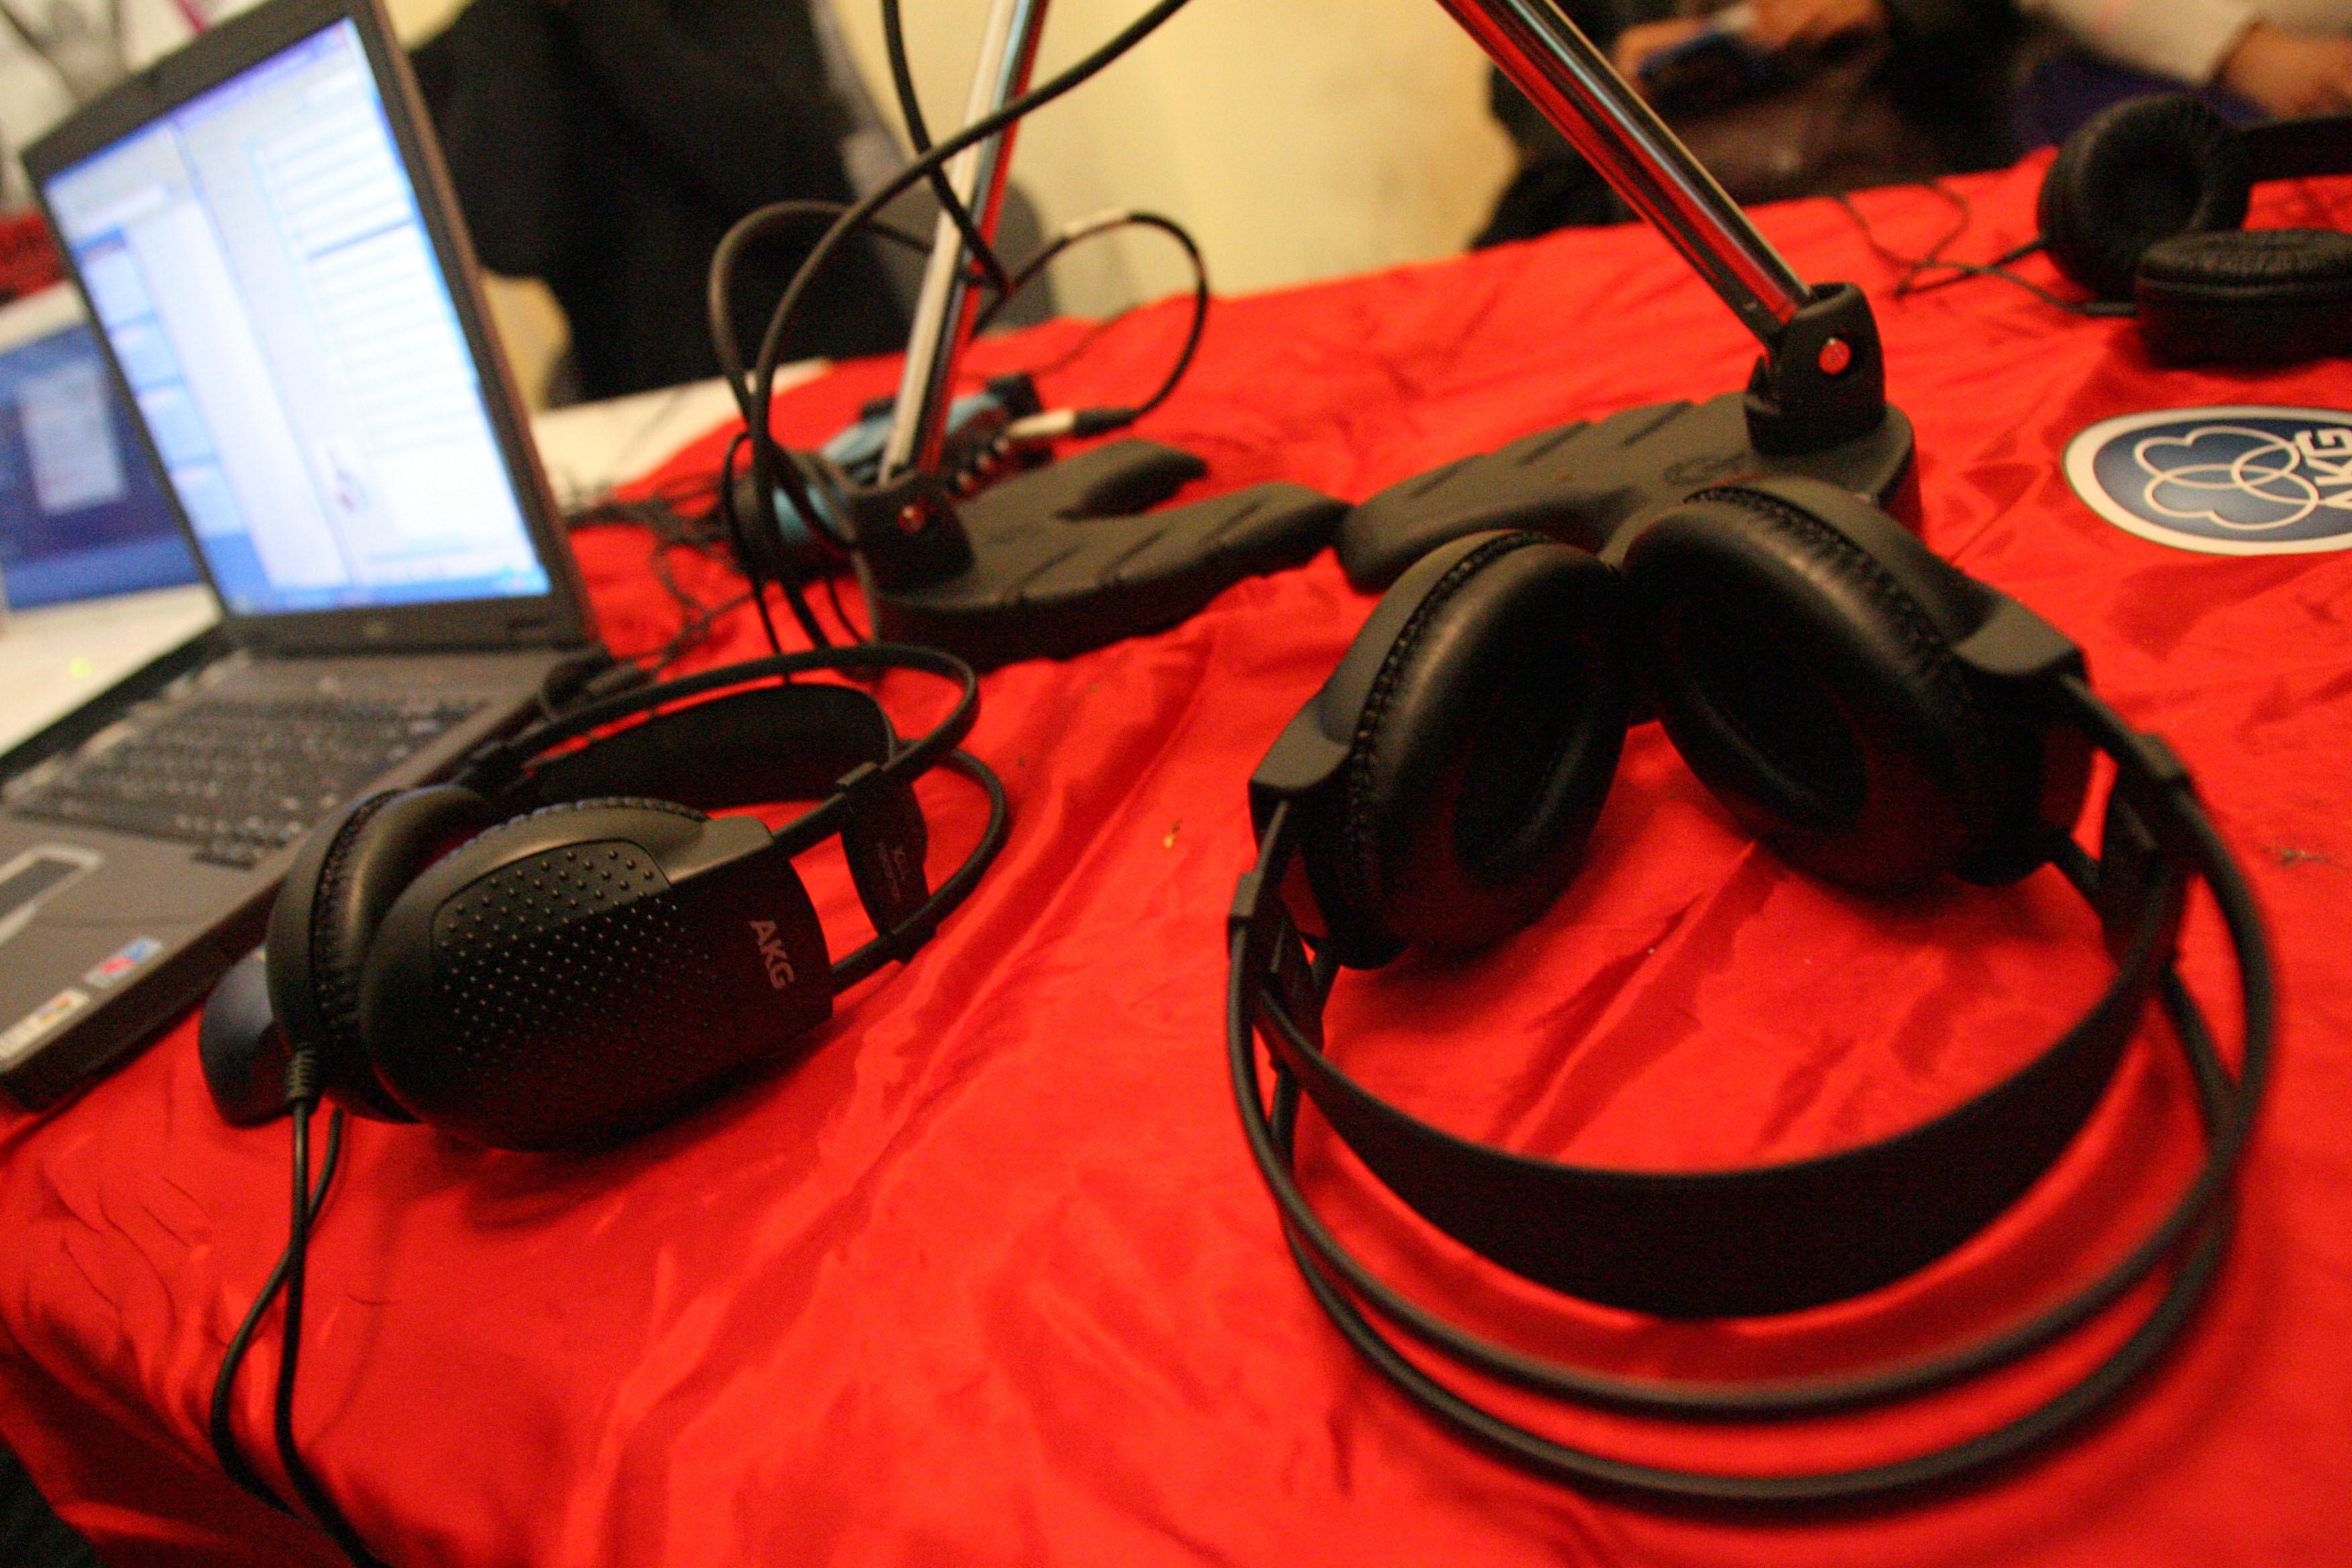 Μυτιλήνη  Στη φυλακή ιδιοκτήτης ραδιοφωνικού σταθμού για εκβιασμό στελέχους  της ΝΔ! - Ειδήσεις 9dde9cc012b